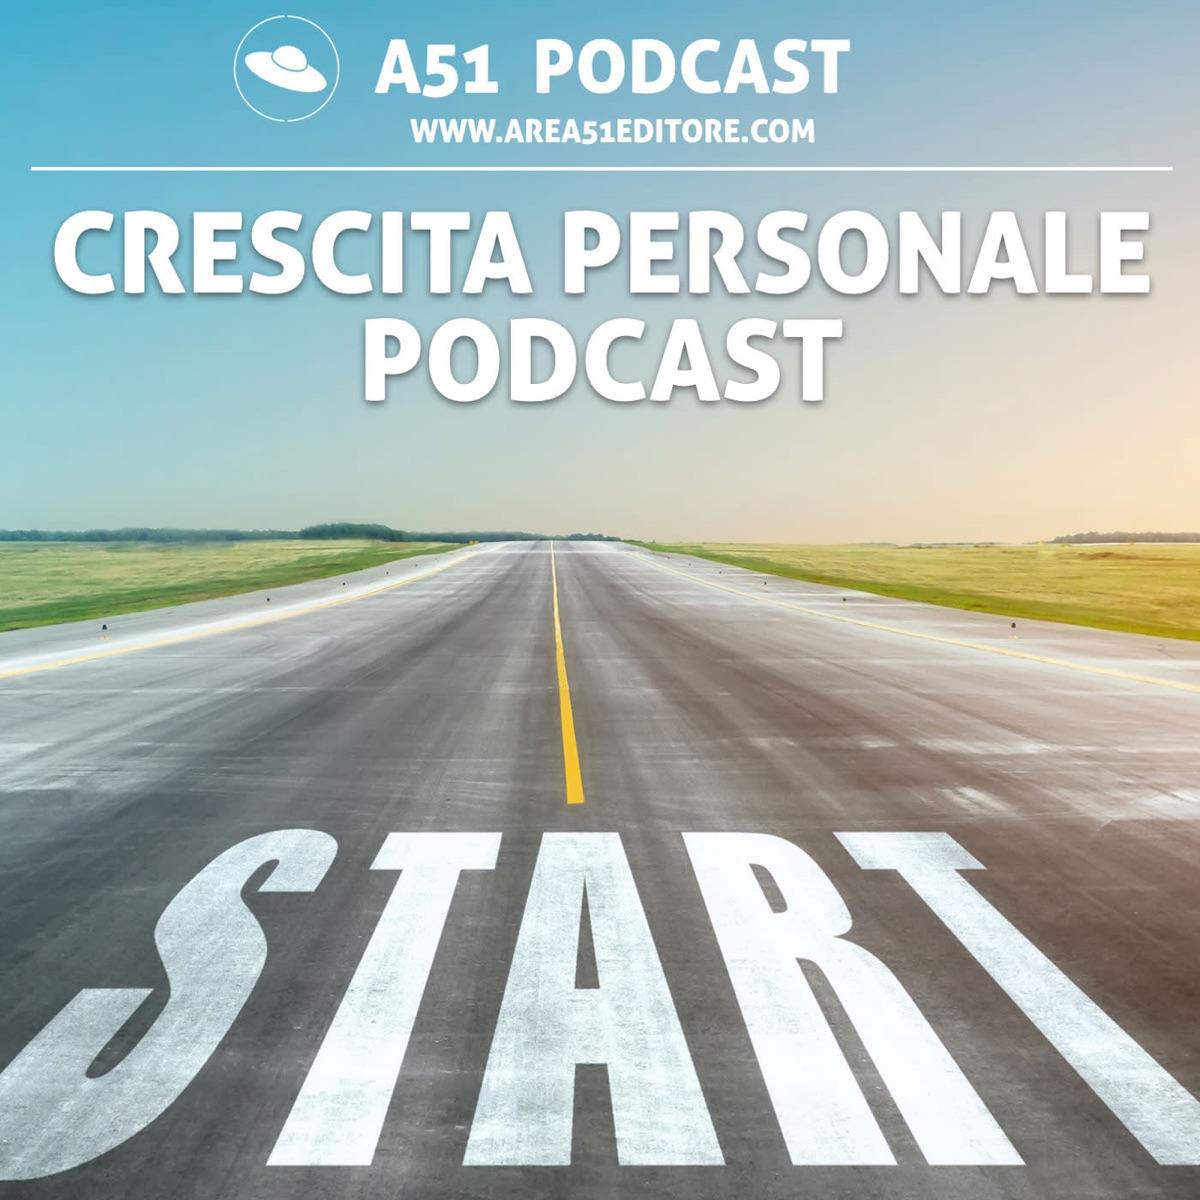 A51 Crescita personale podcast